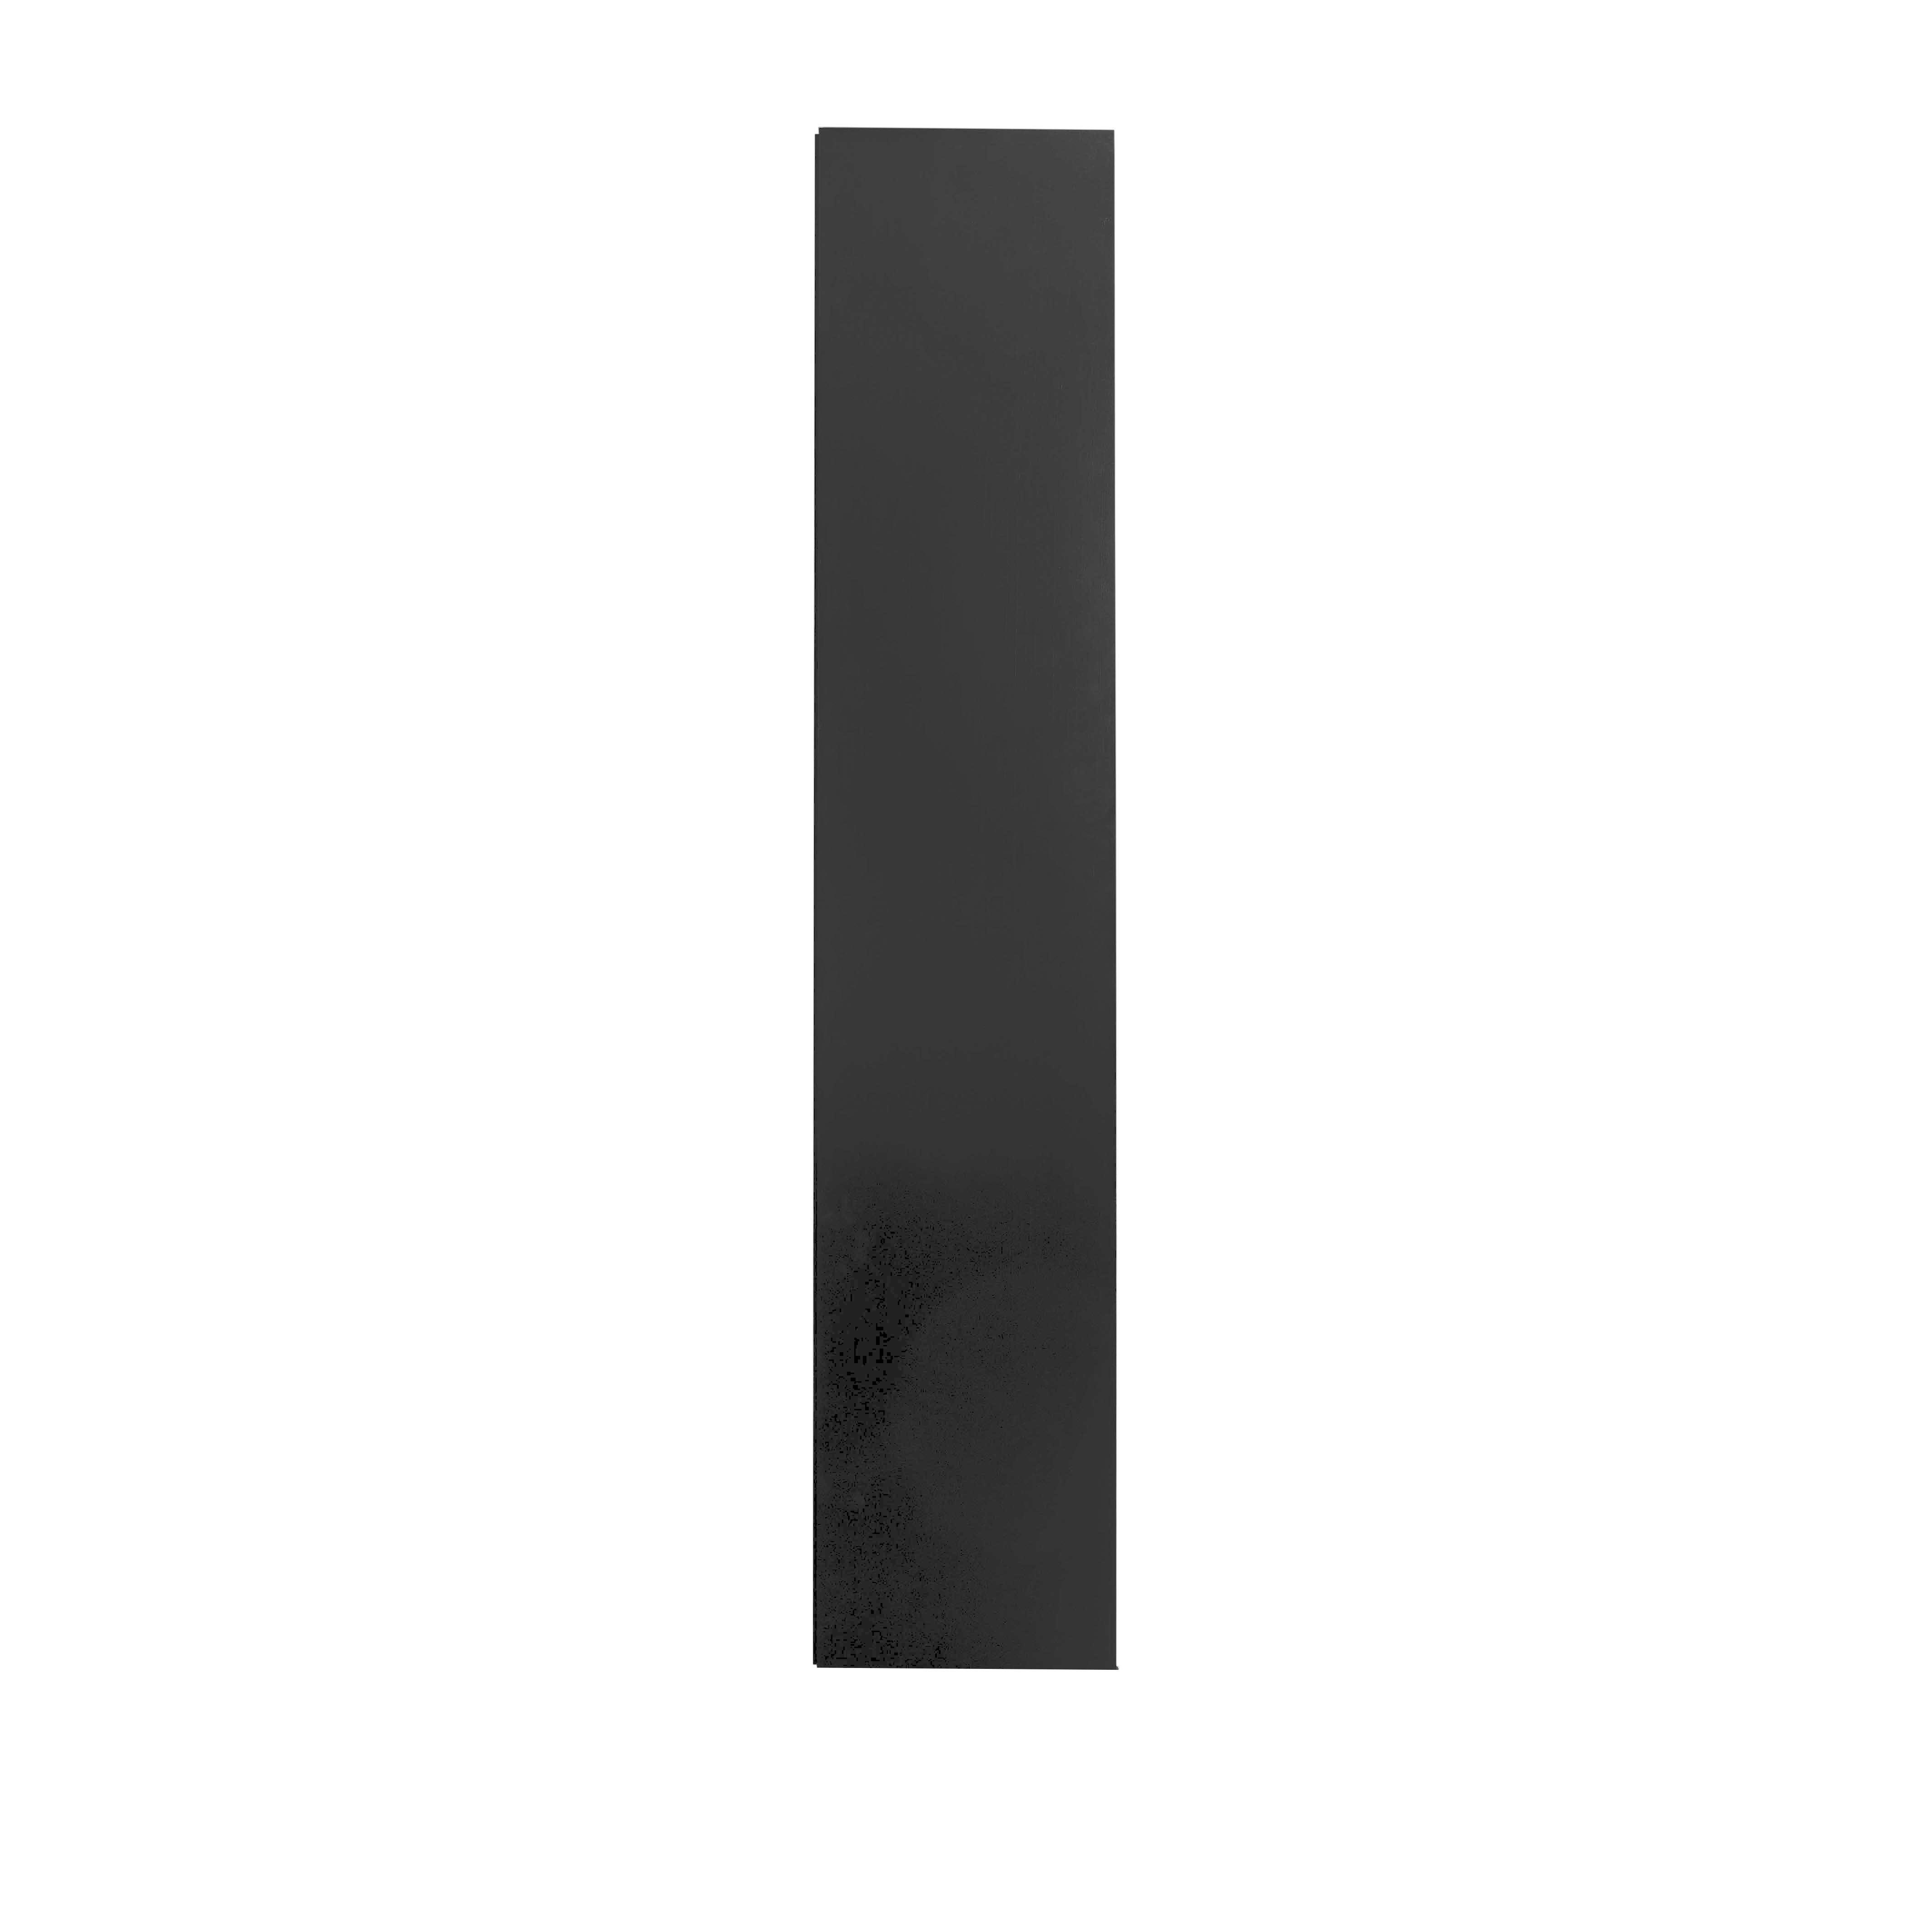 Line Vitrinskåp Black från sidan - englesson.se